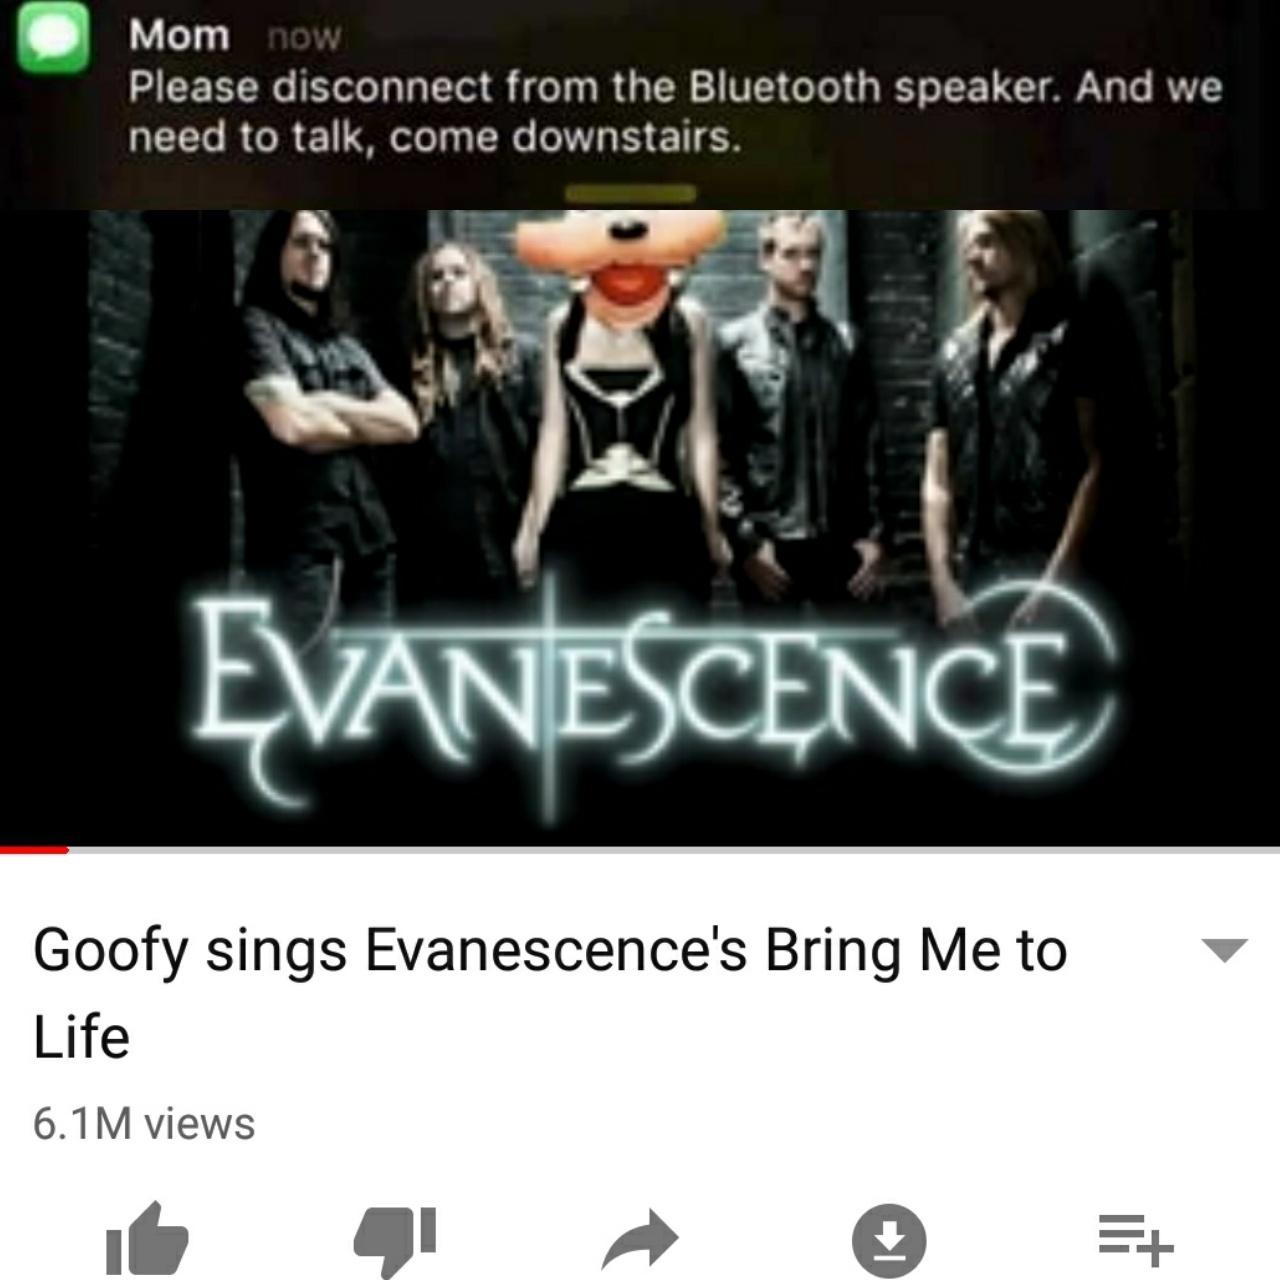 A Goofy Meme